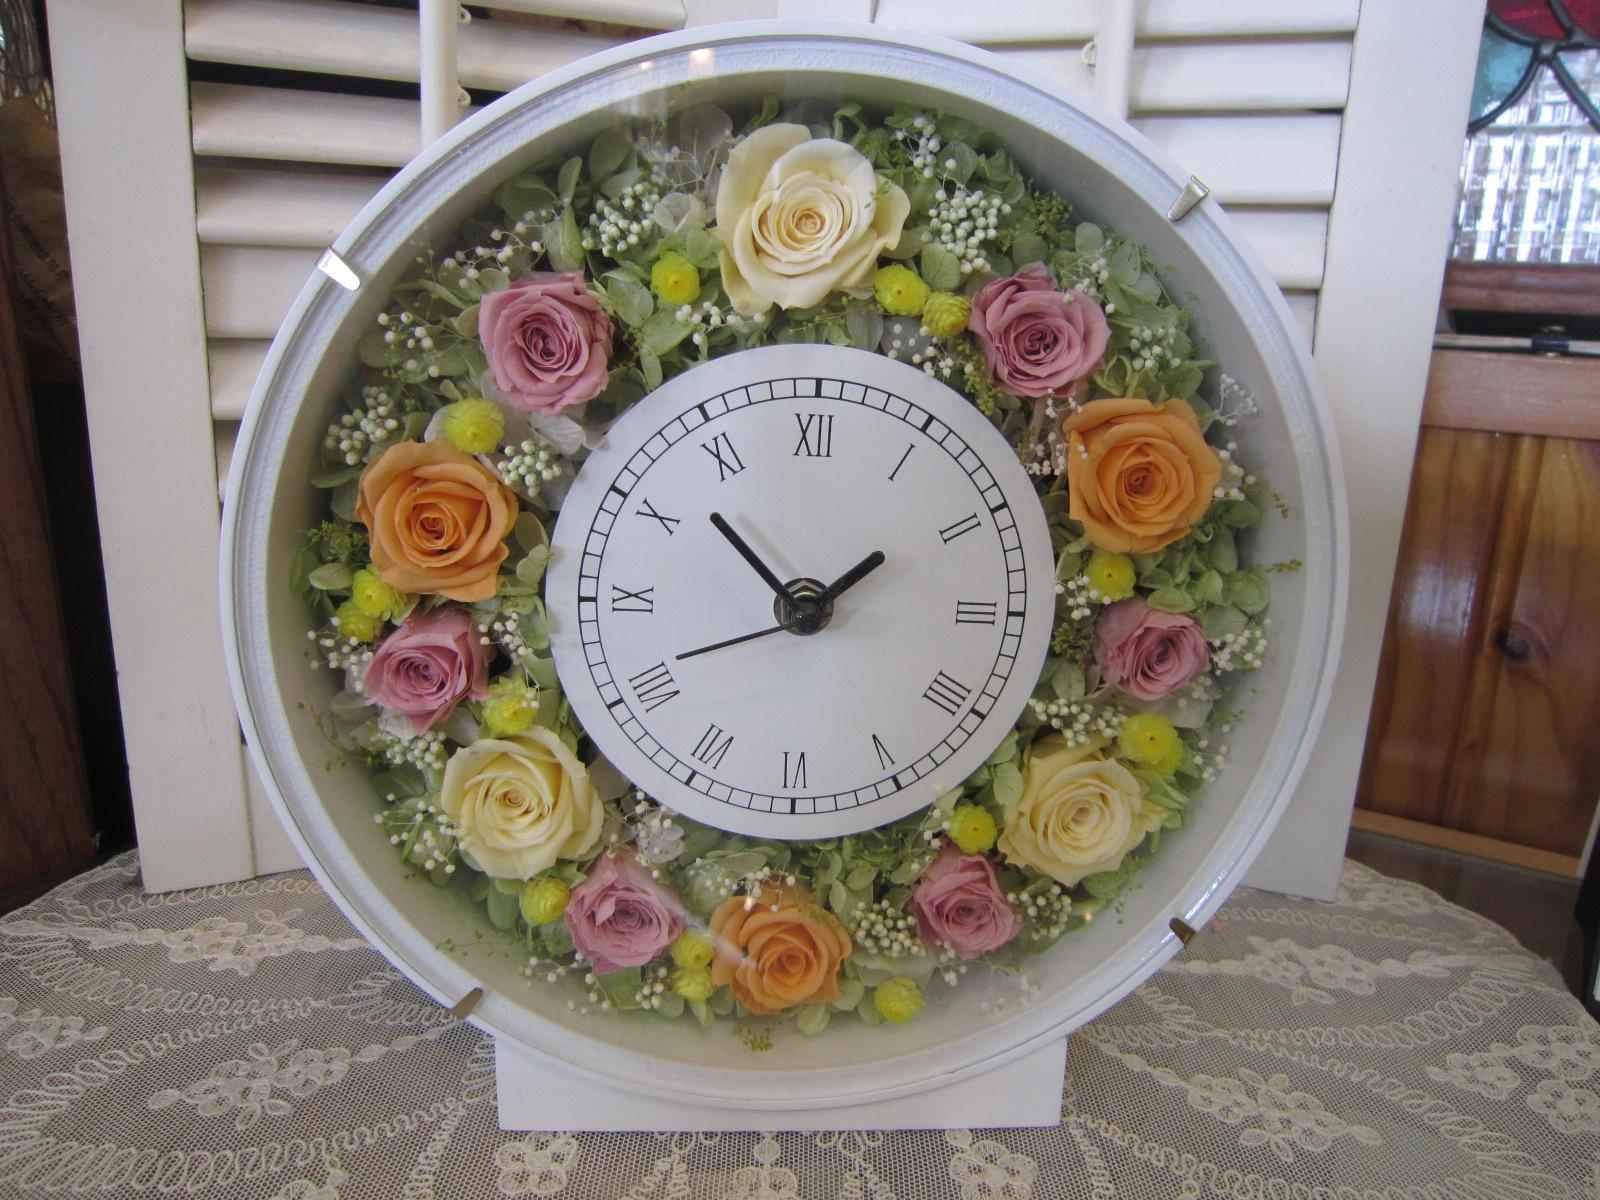 プレゼントに人気!プリザーブドフラワーでアレンジした木製時計 花時計 丸型